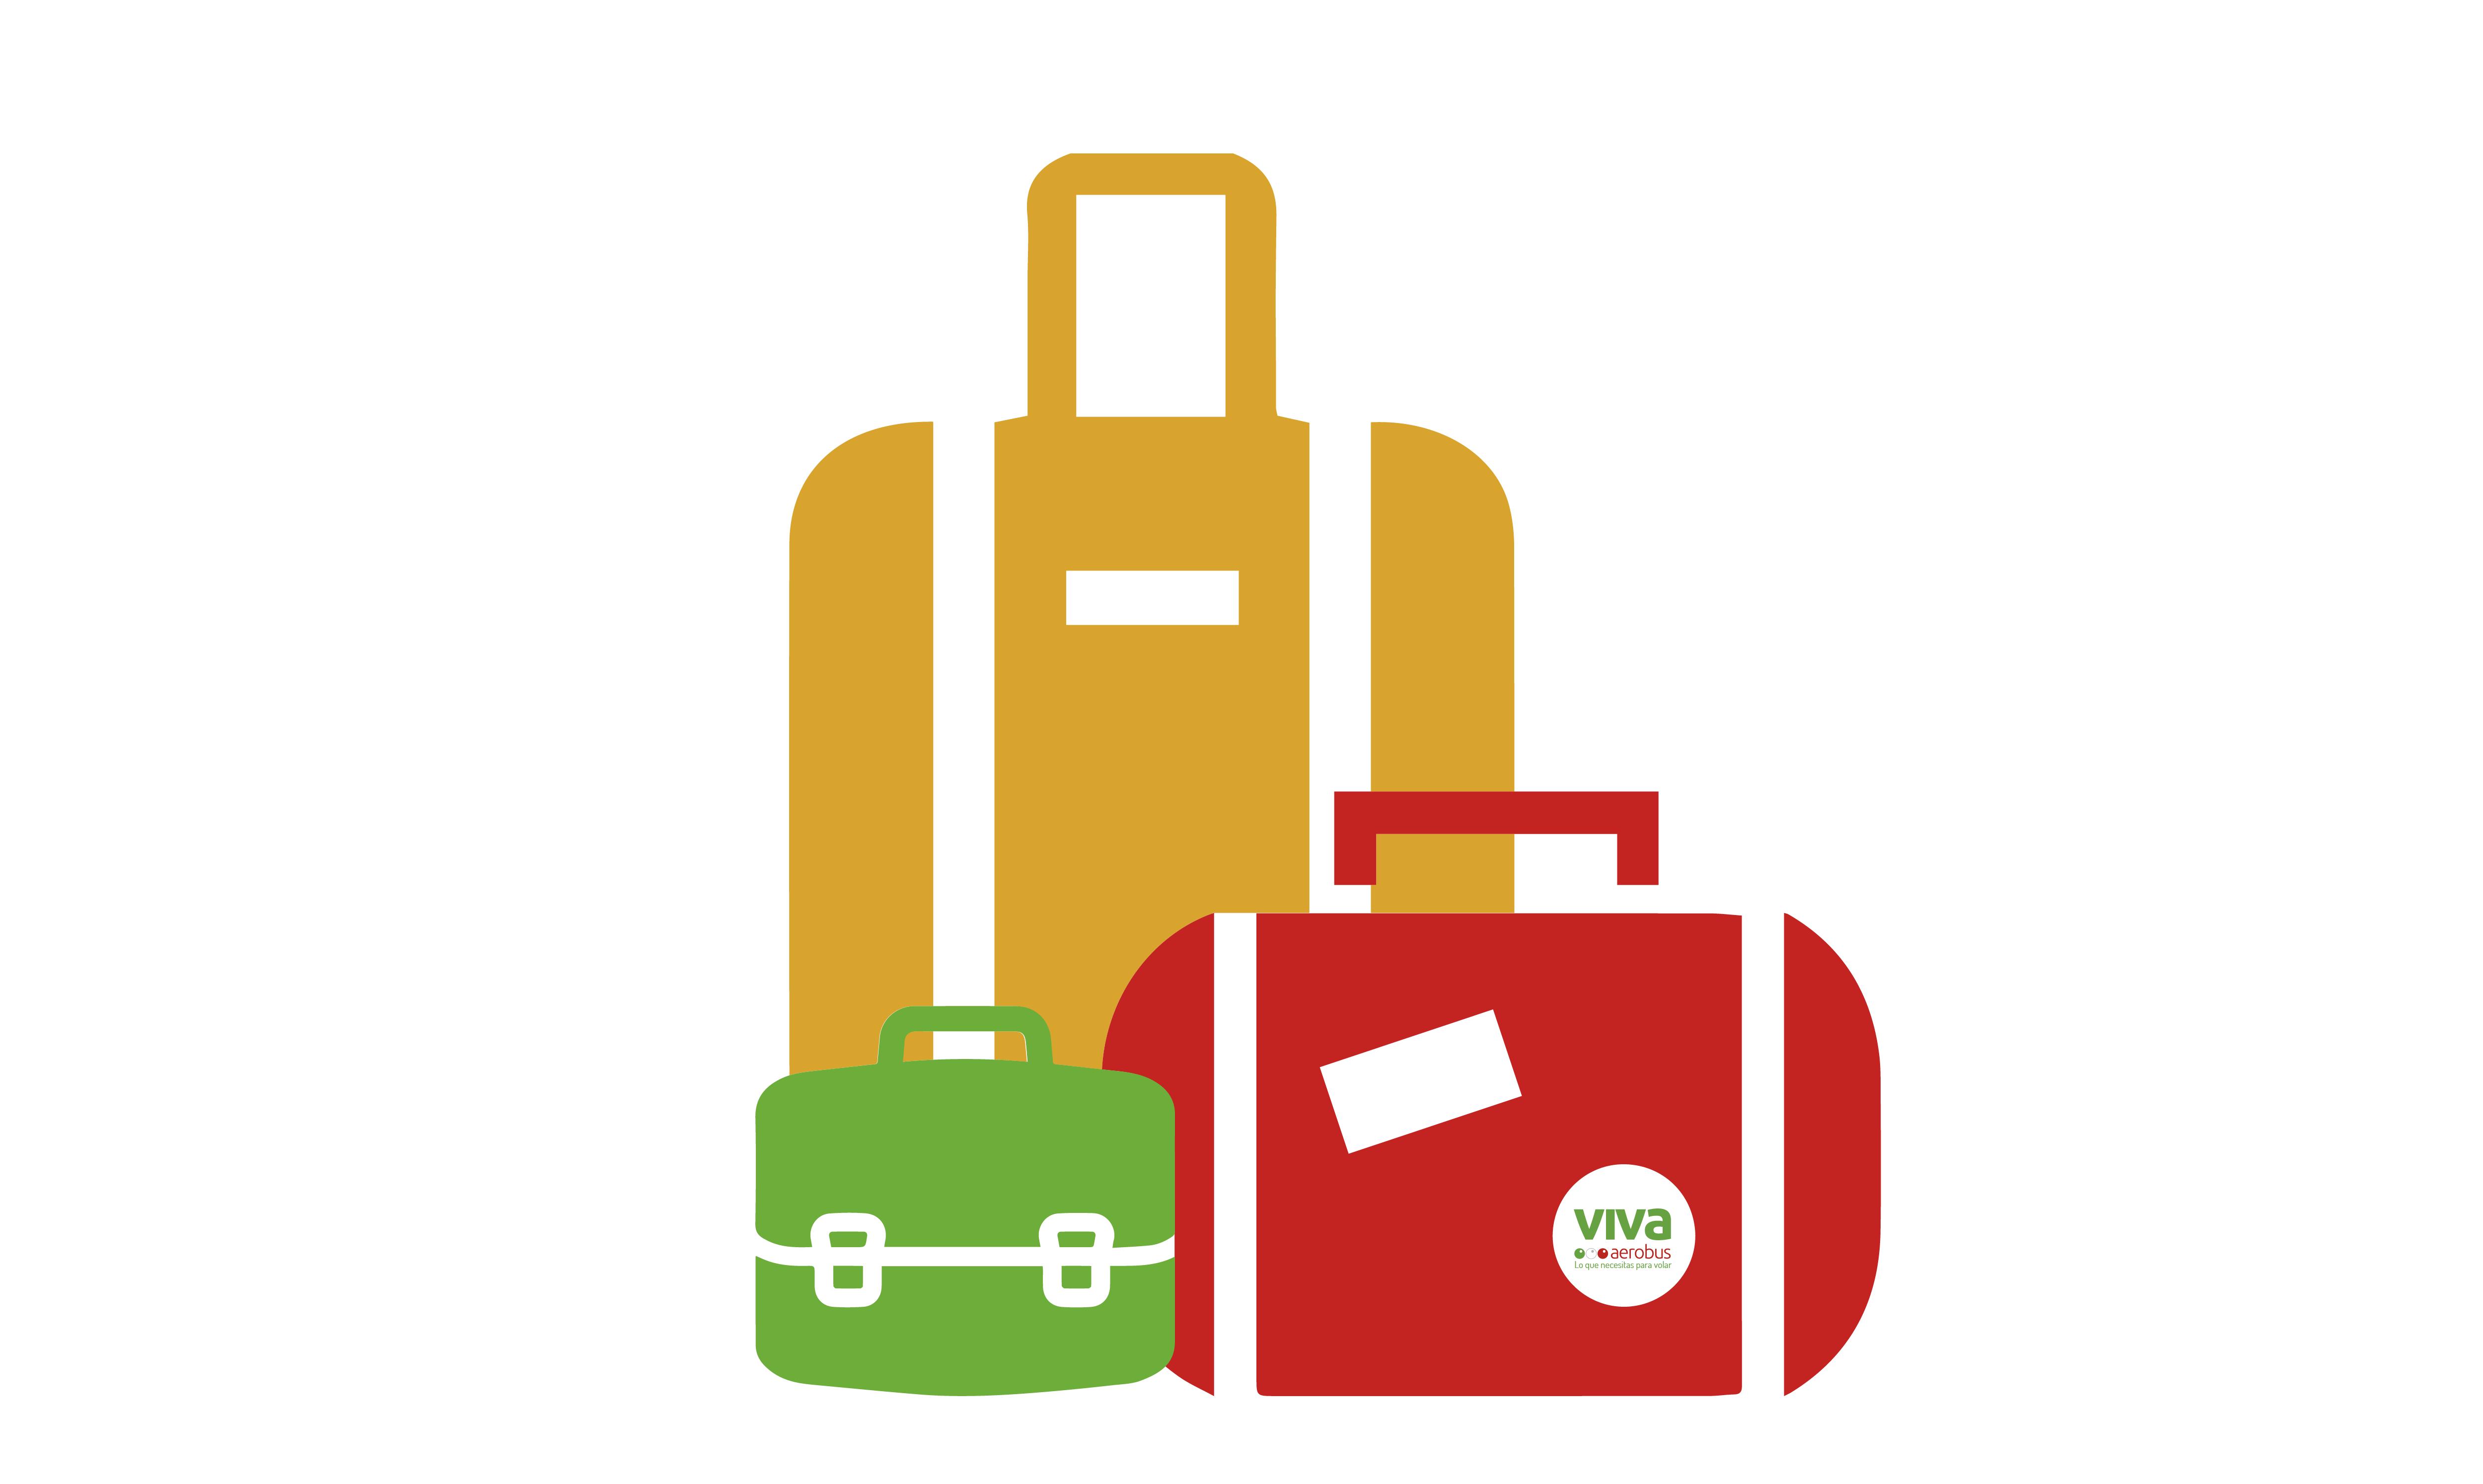 6dccdda2a Nos han enviado muchas preguntas sobre las medidas que deben tener las  maletas al viajar por VivaAerobus. En este artículo verás las medidas y  peso de cada ...